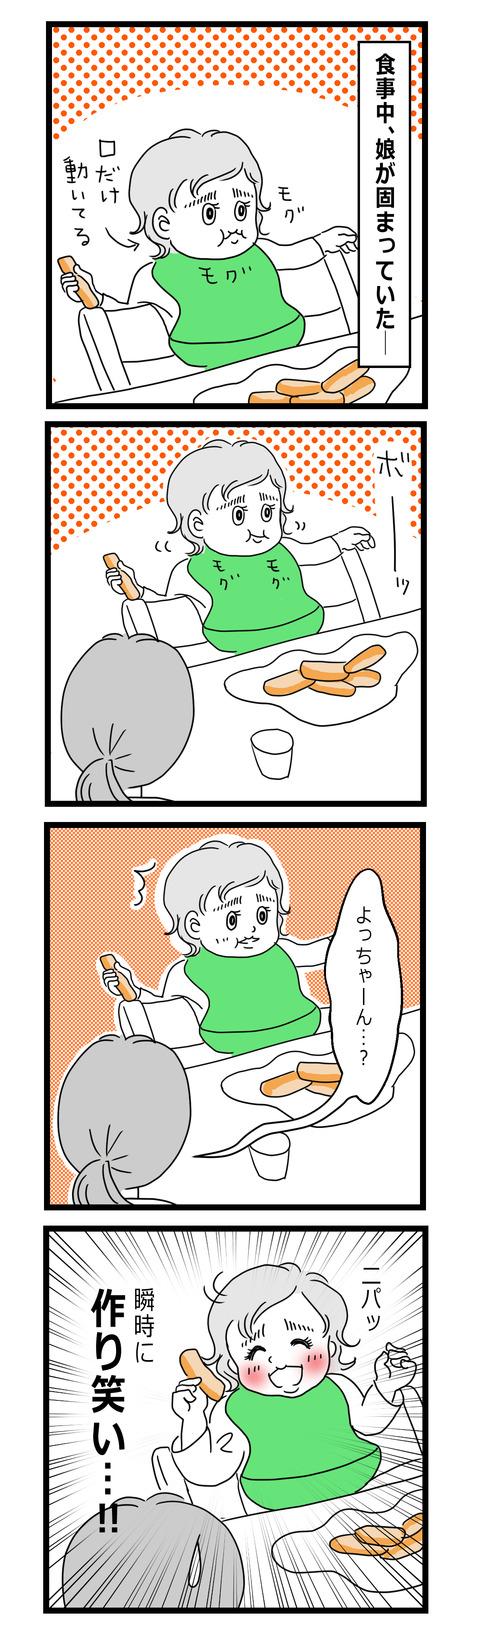 64 作り笑い(1才〜1才半)